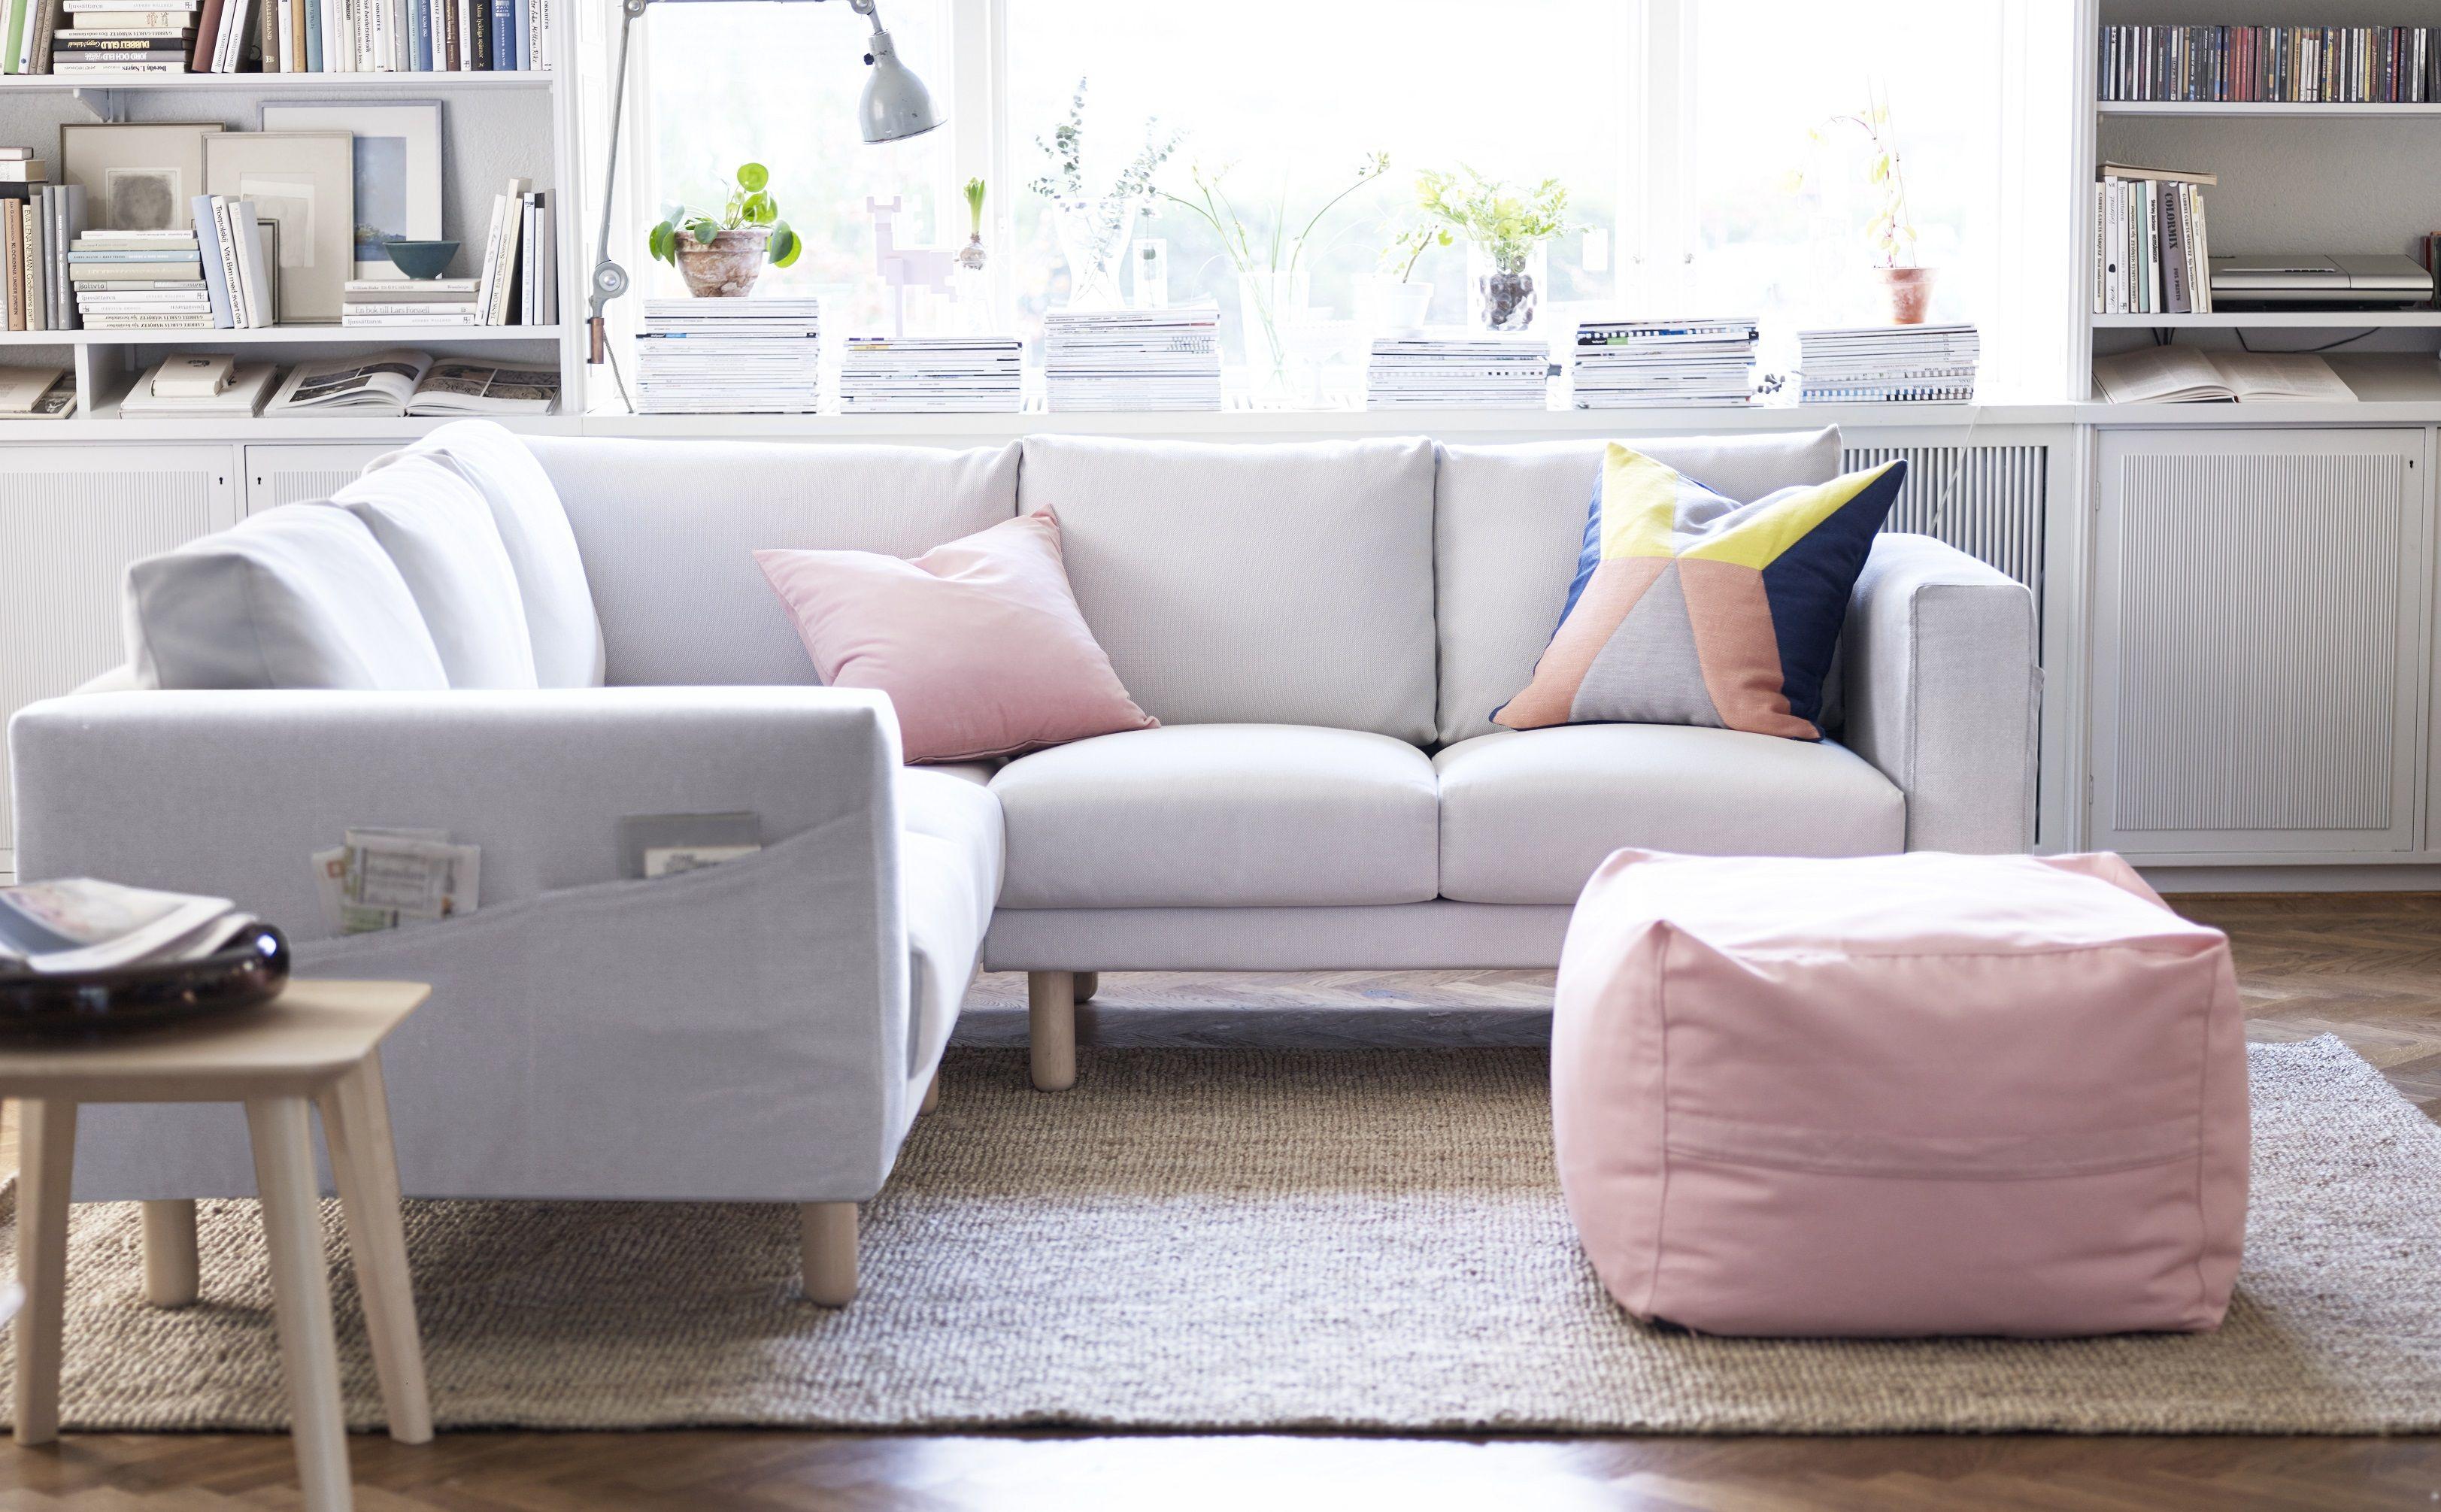 Ikea Woonkamer Hoekbanken : Norsborg hoekbank ikea ikeanl bank wit zijvak pastel